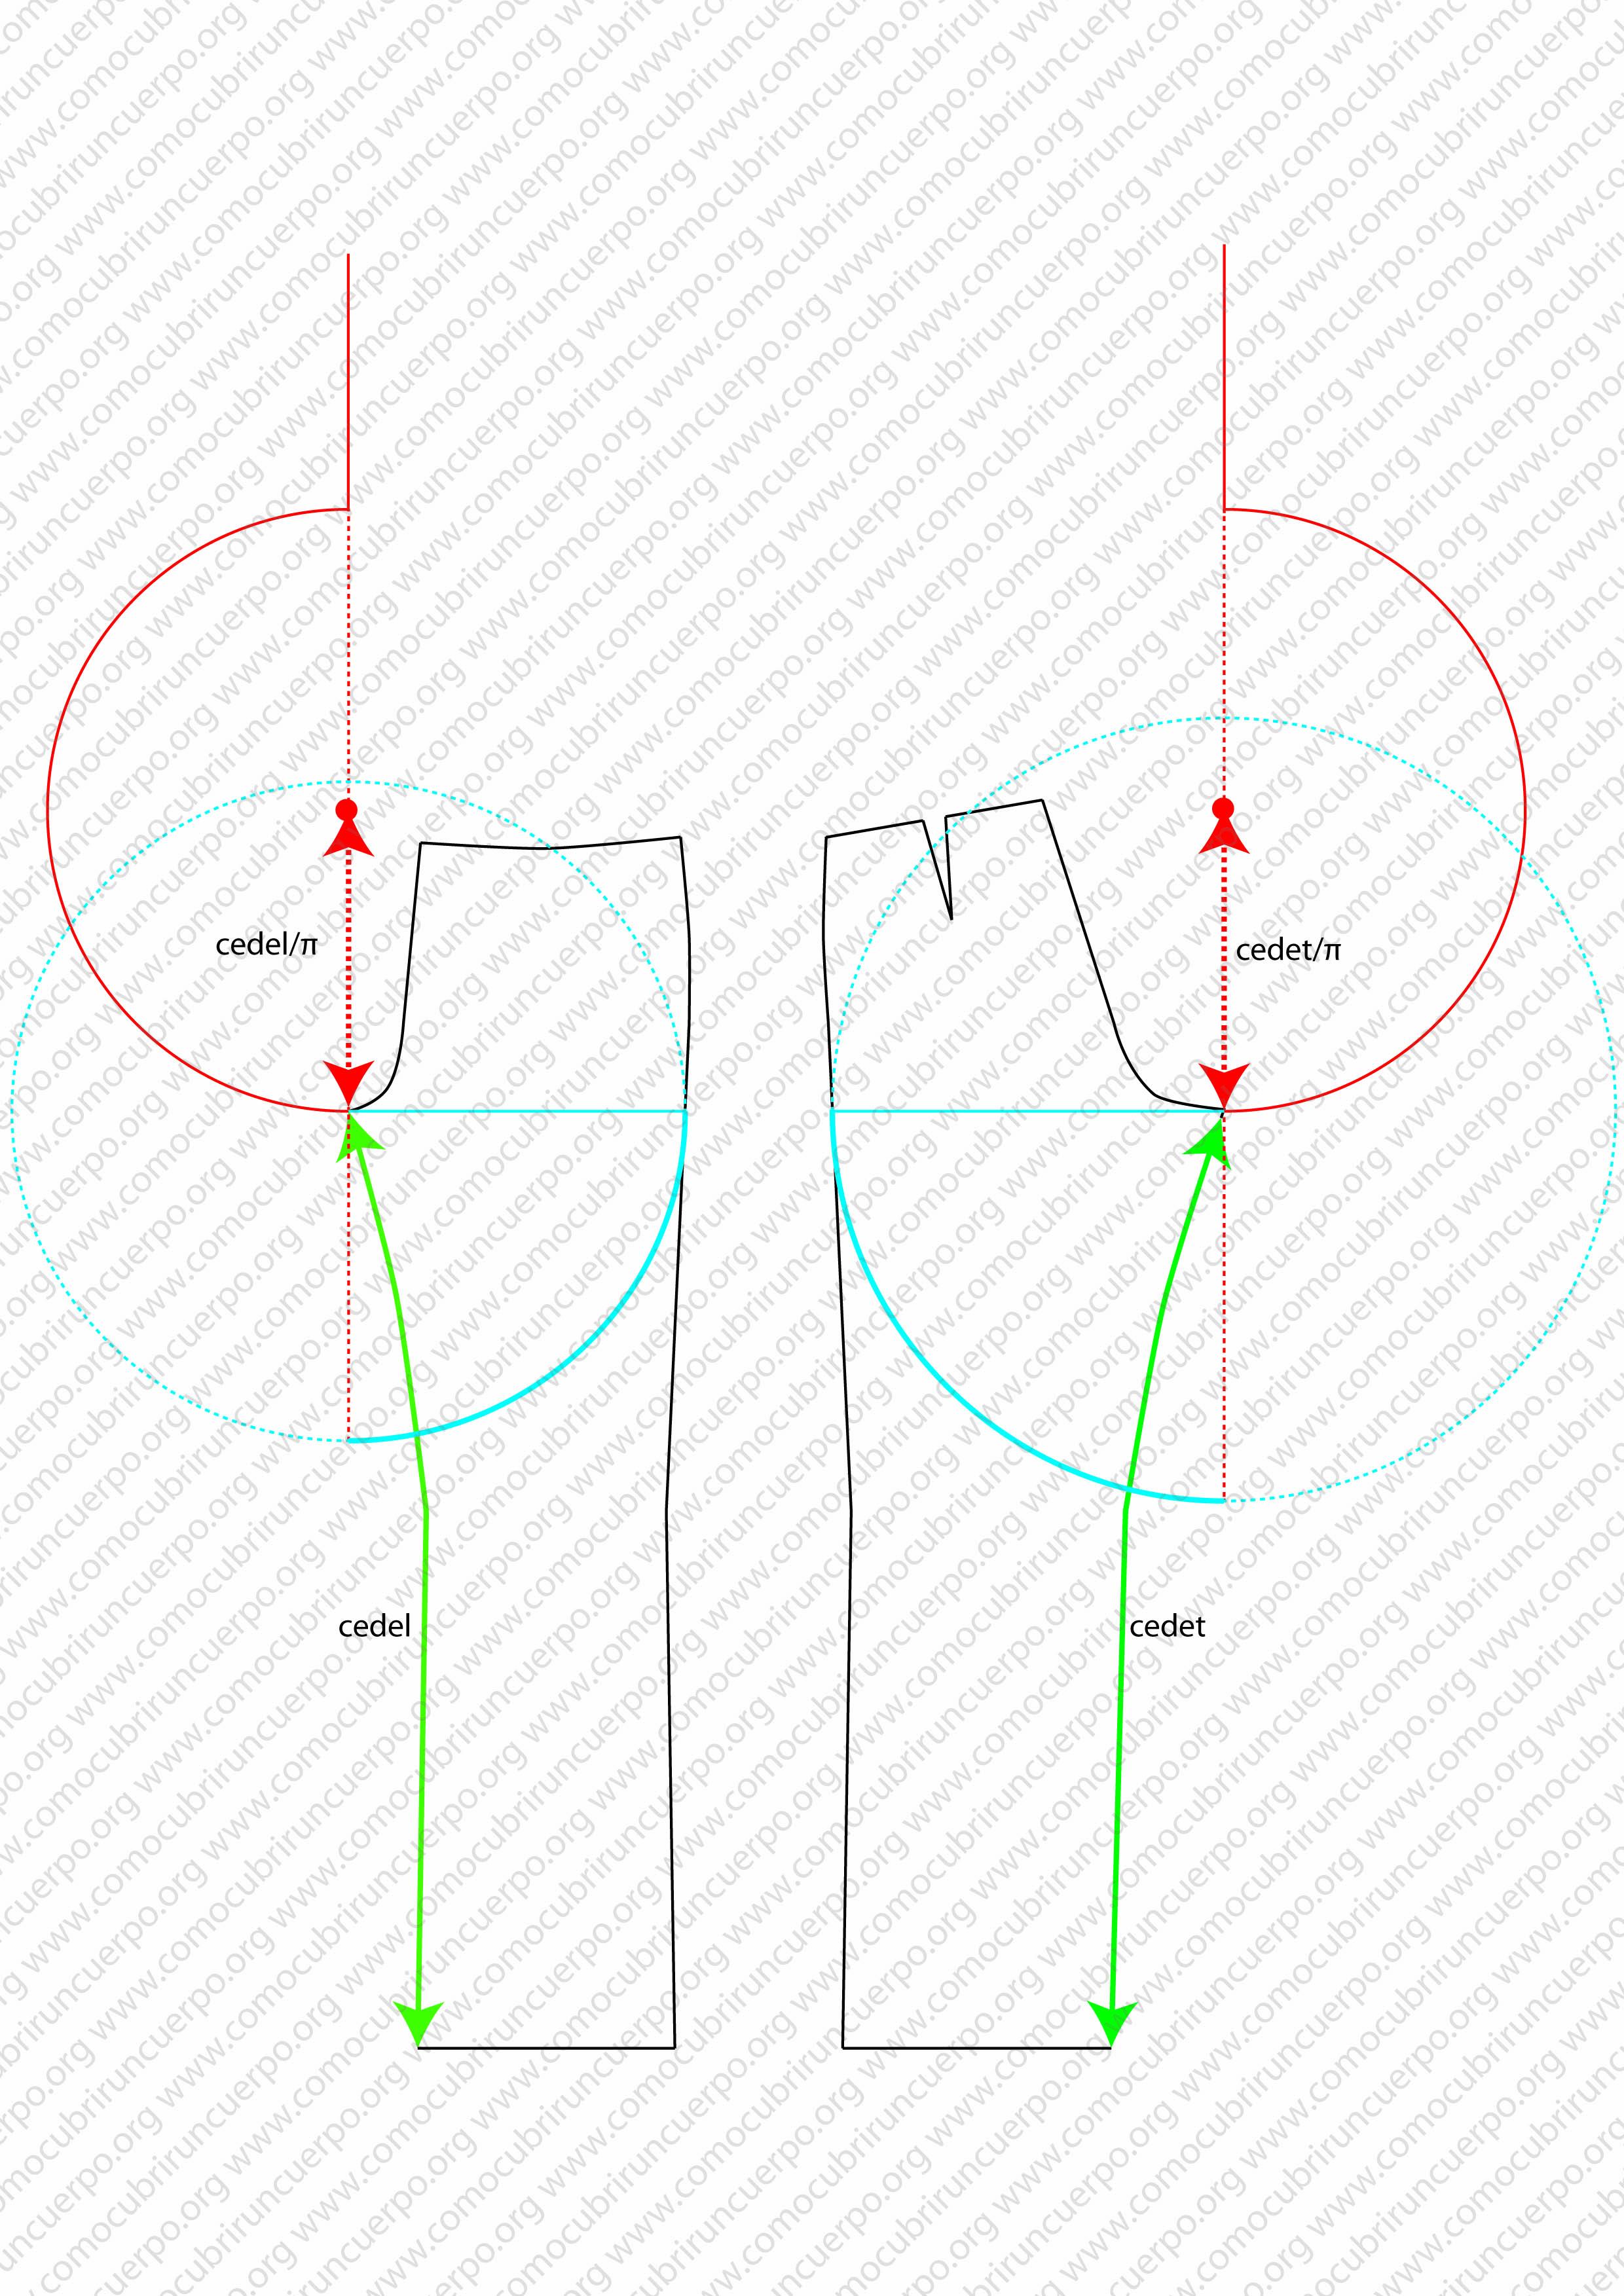 Pantalón circular con costura de entrepierna de medio círculo